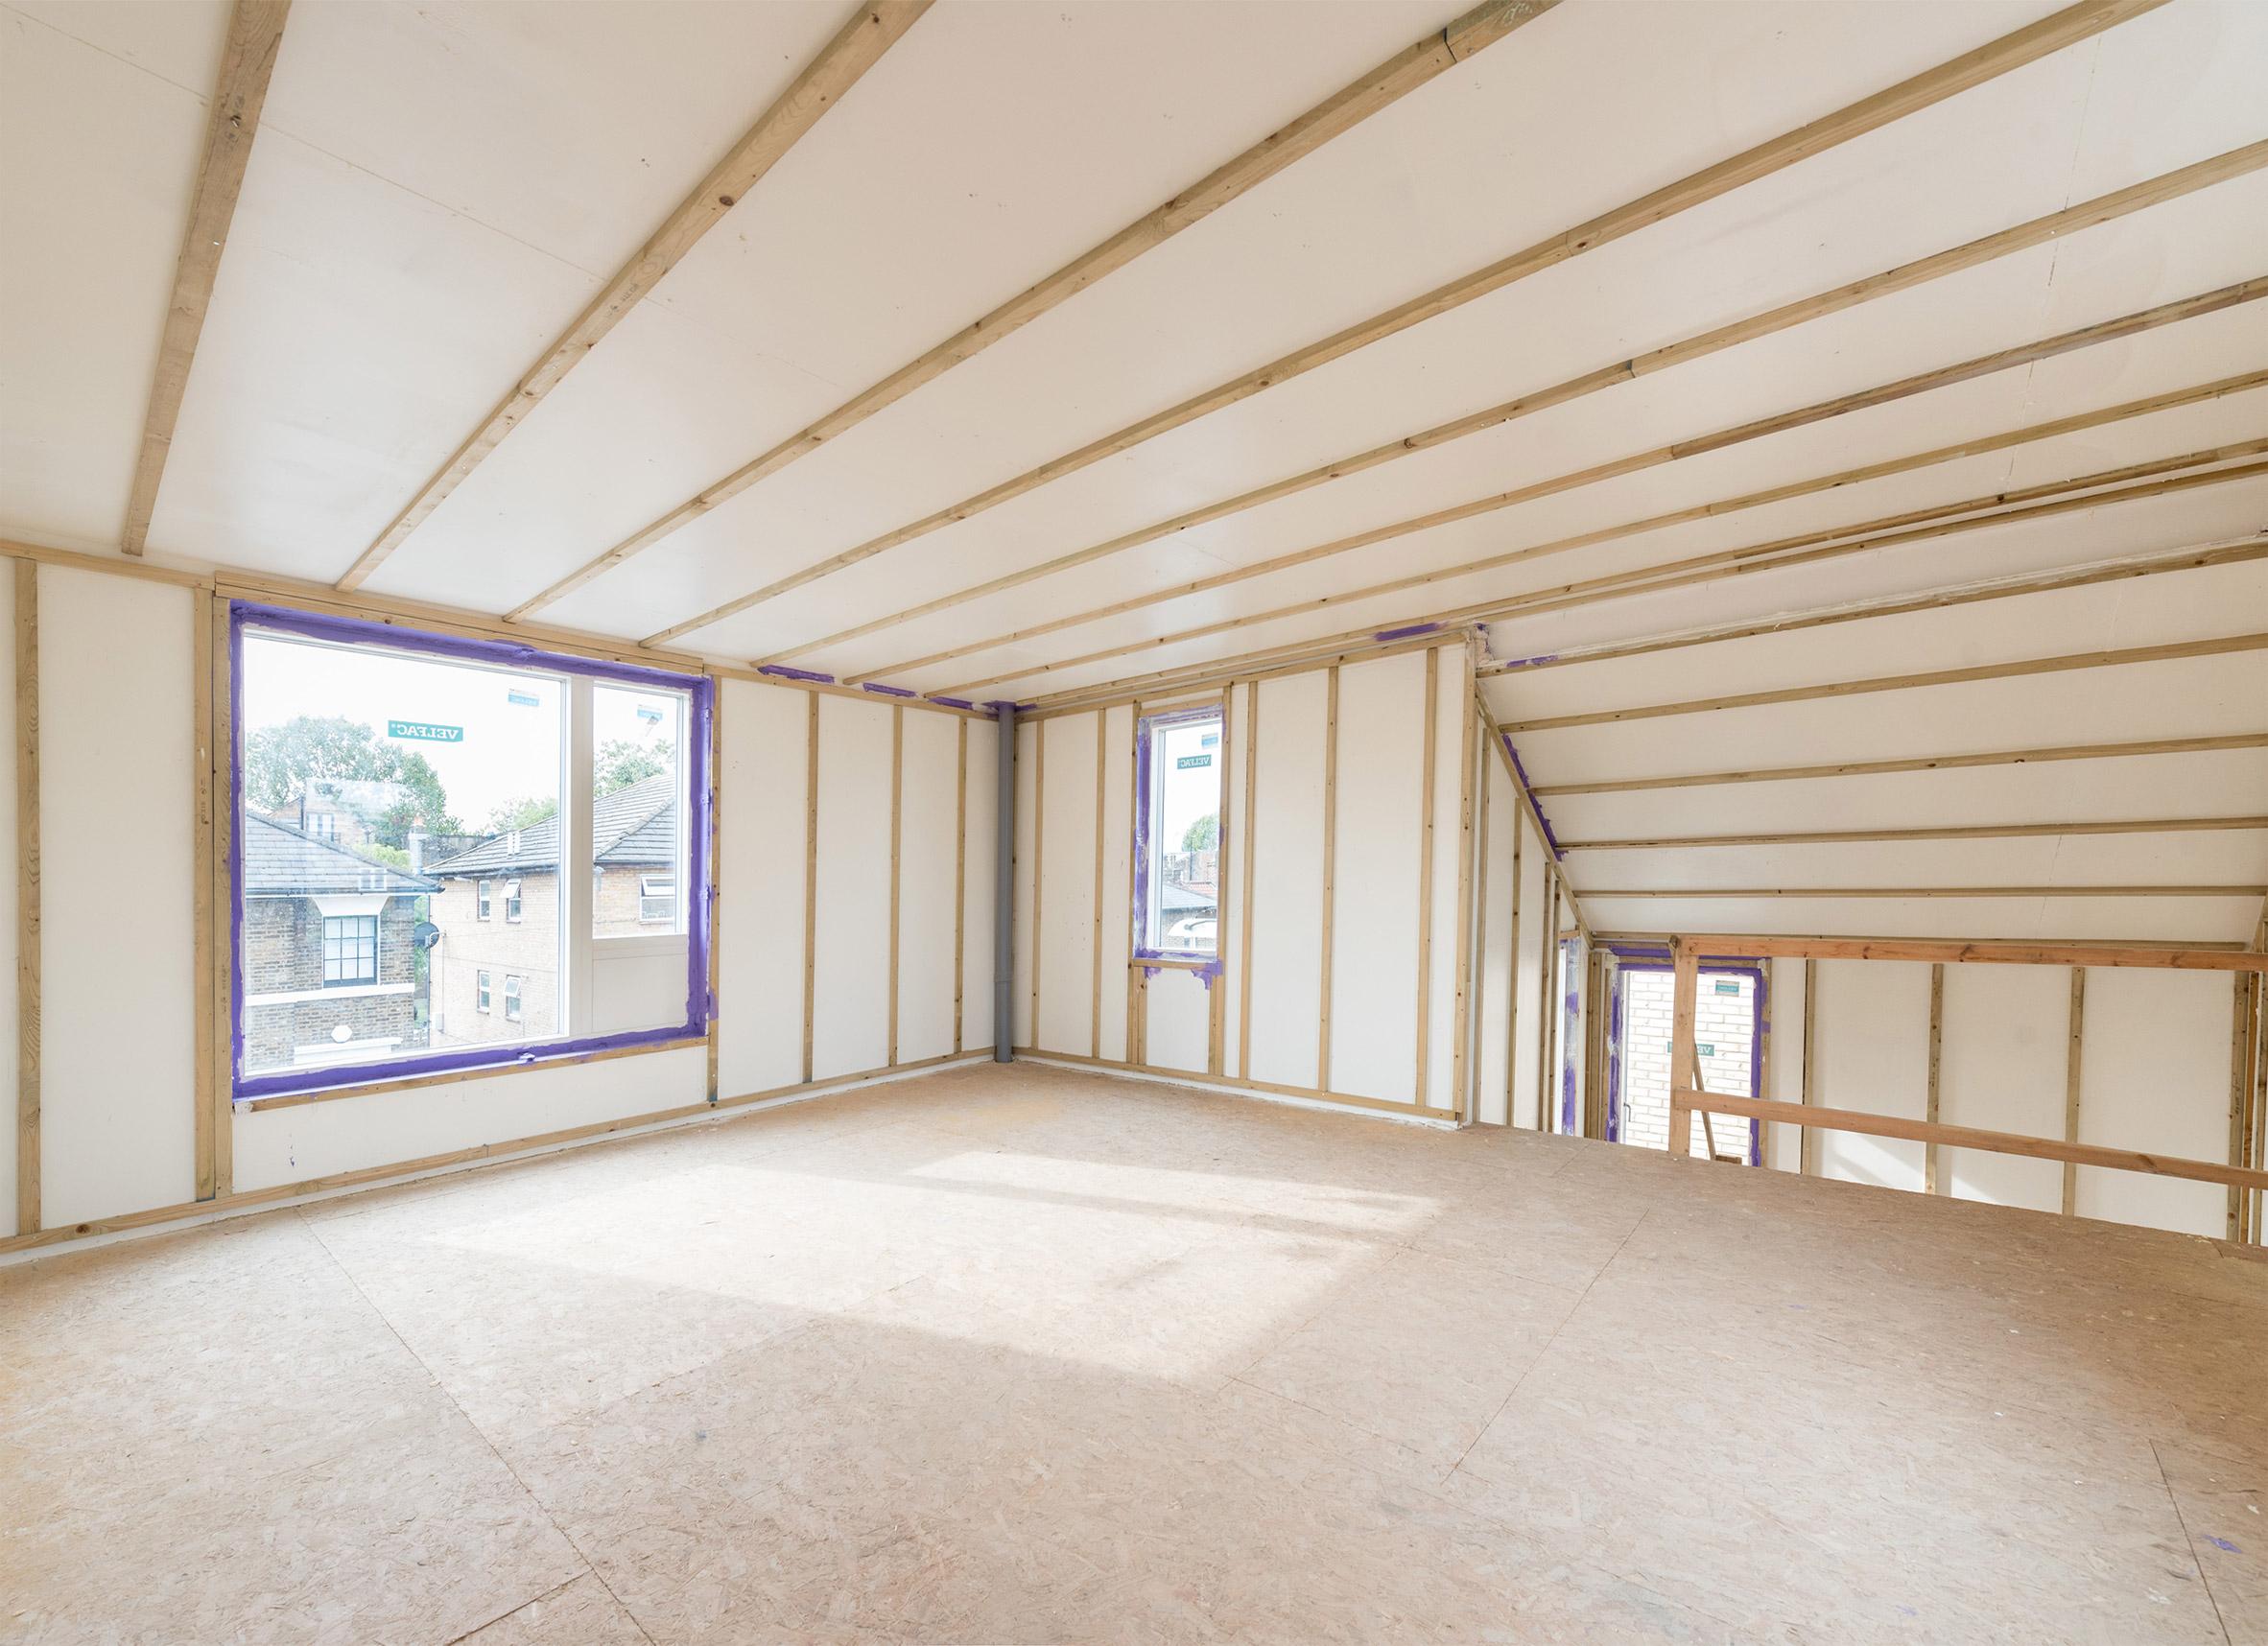 Interior of custom-built home